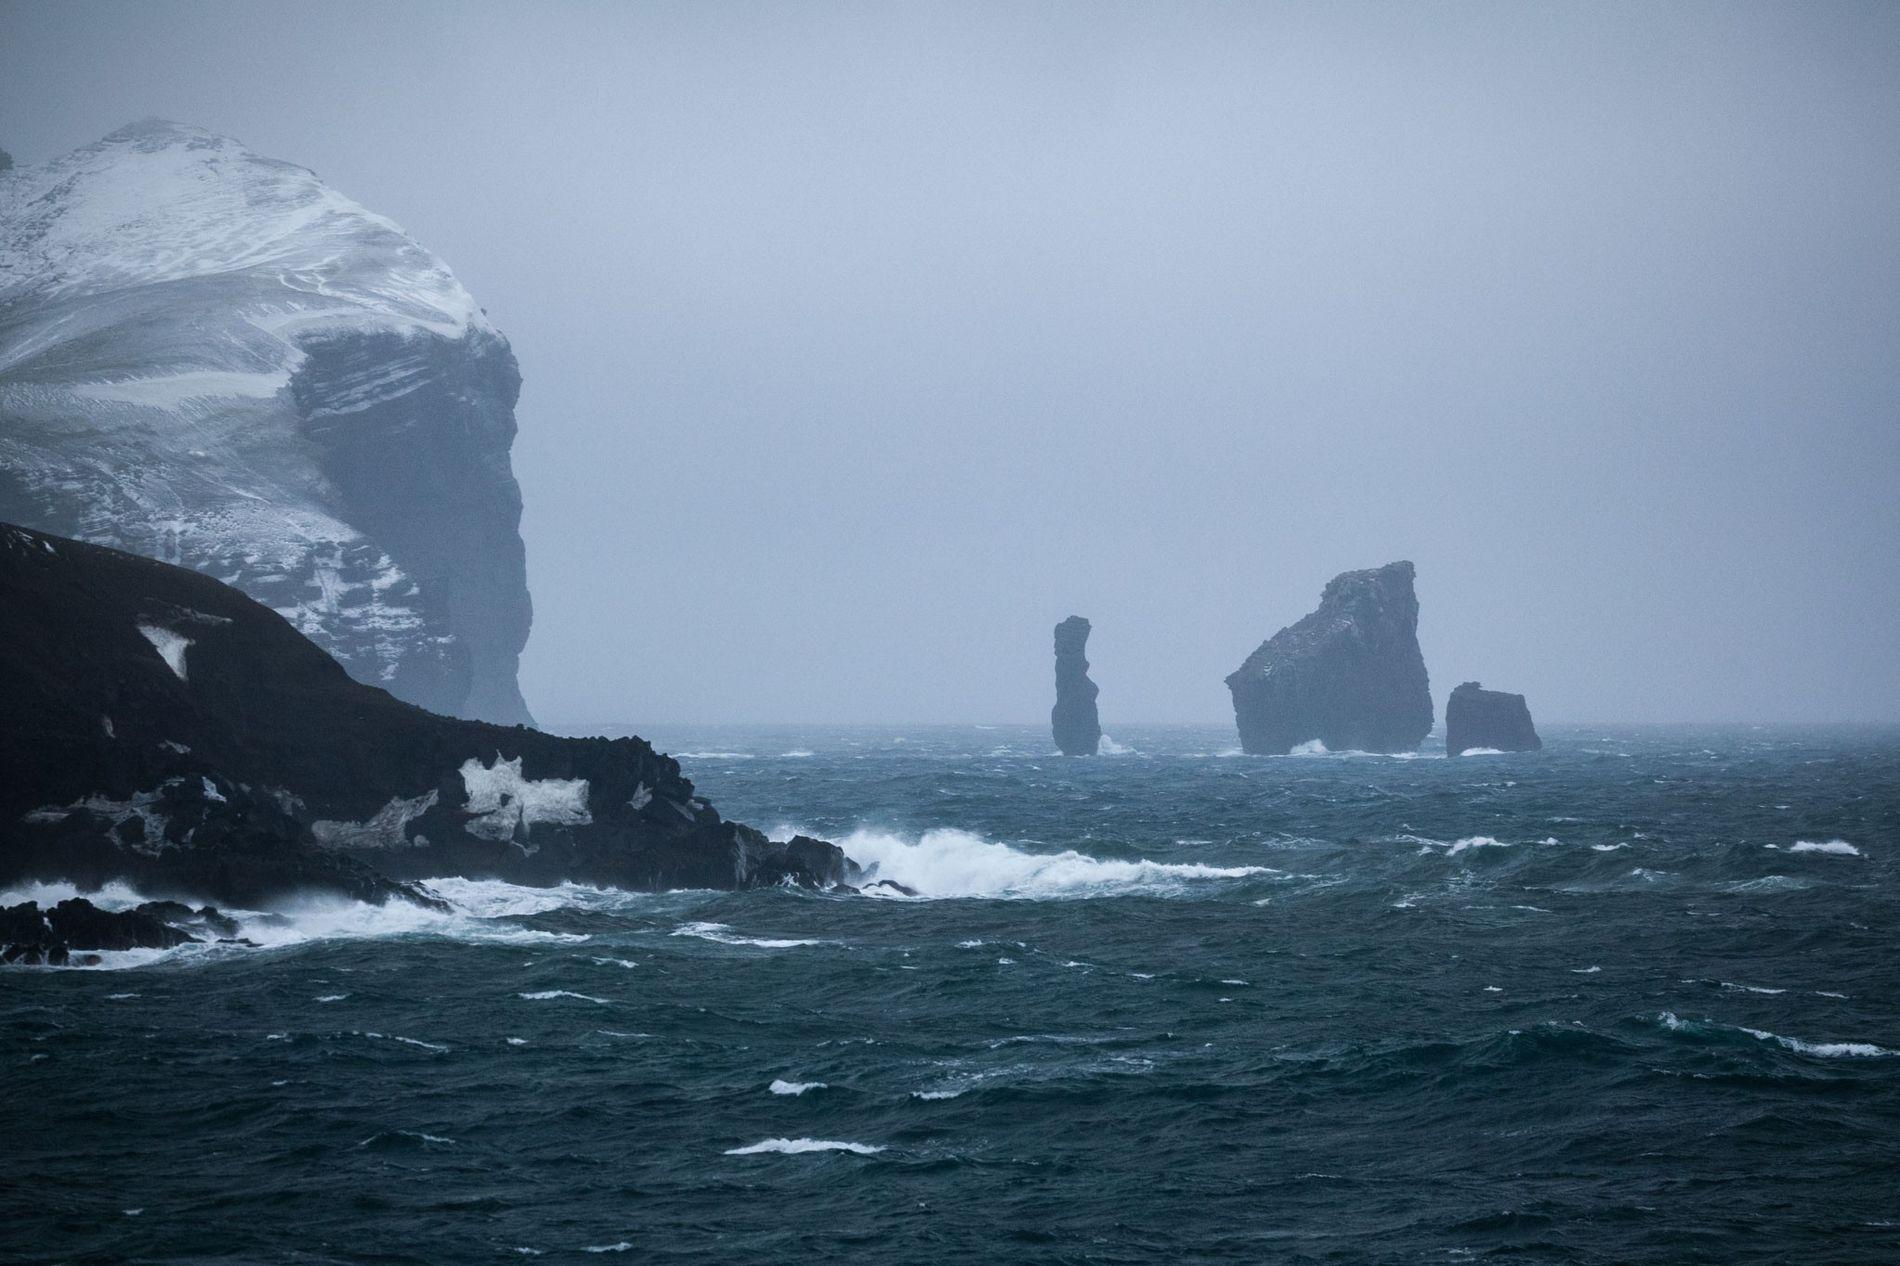 Diese Felsformationen, die als Nähmaschinennadeln bekannt sind, markieren den Eingang zur Caldera der Insel.